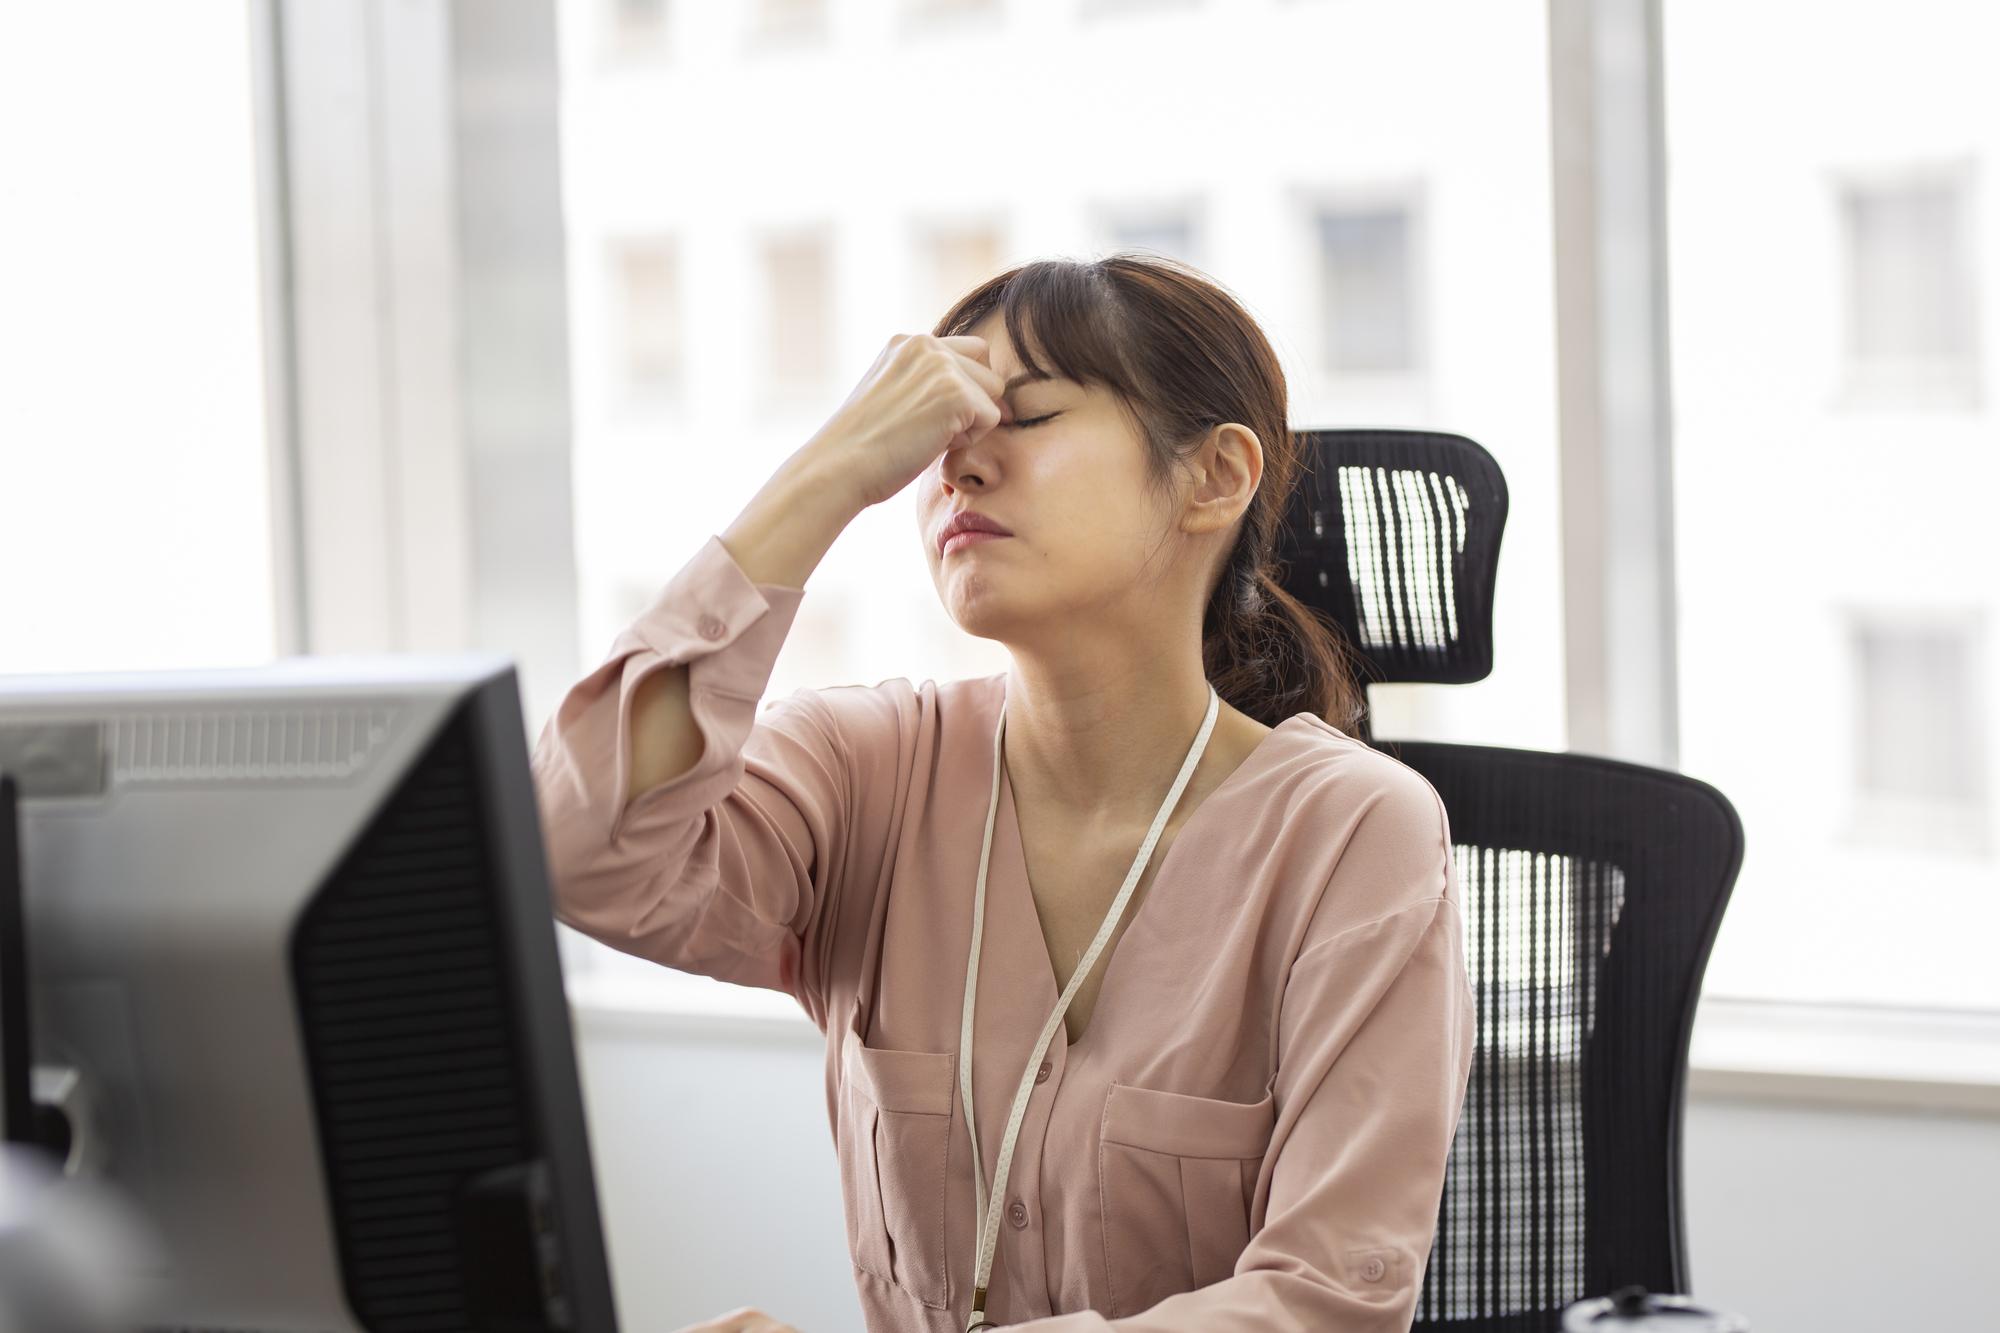 悩めるエンジニアの眼精疲労!目が疲れる原因やすぐにできる対策を解説のアイキャッチイメージ